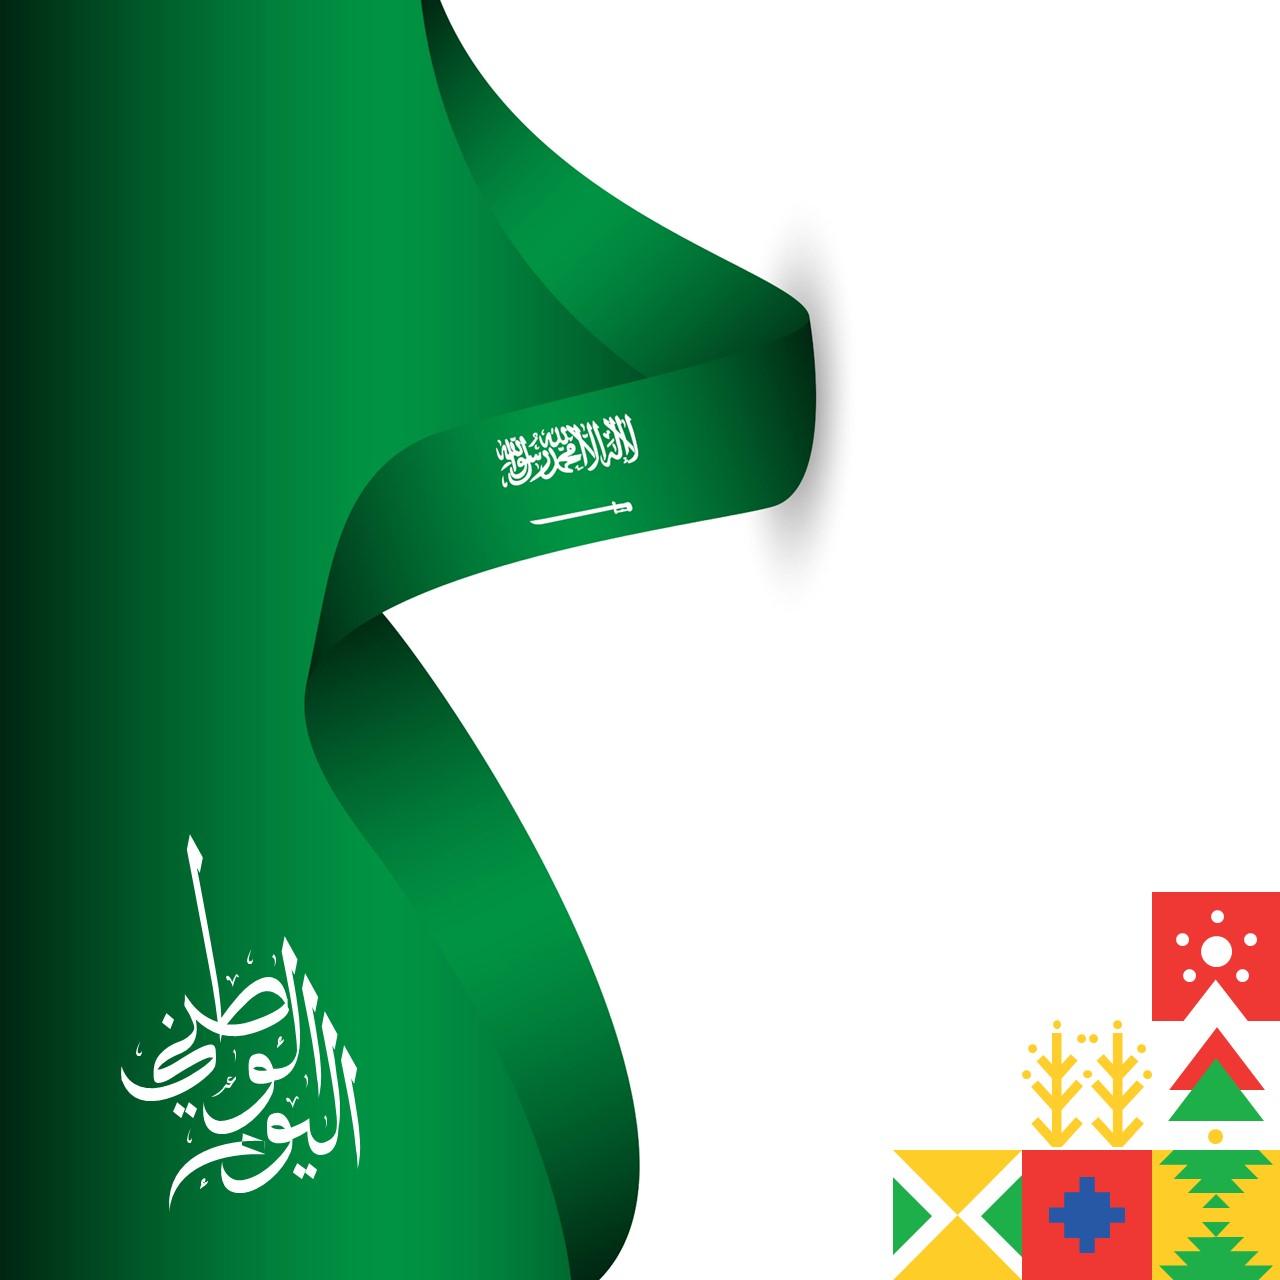 تصميم جميل عن اليوم الوطني